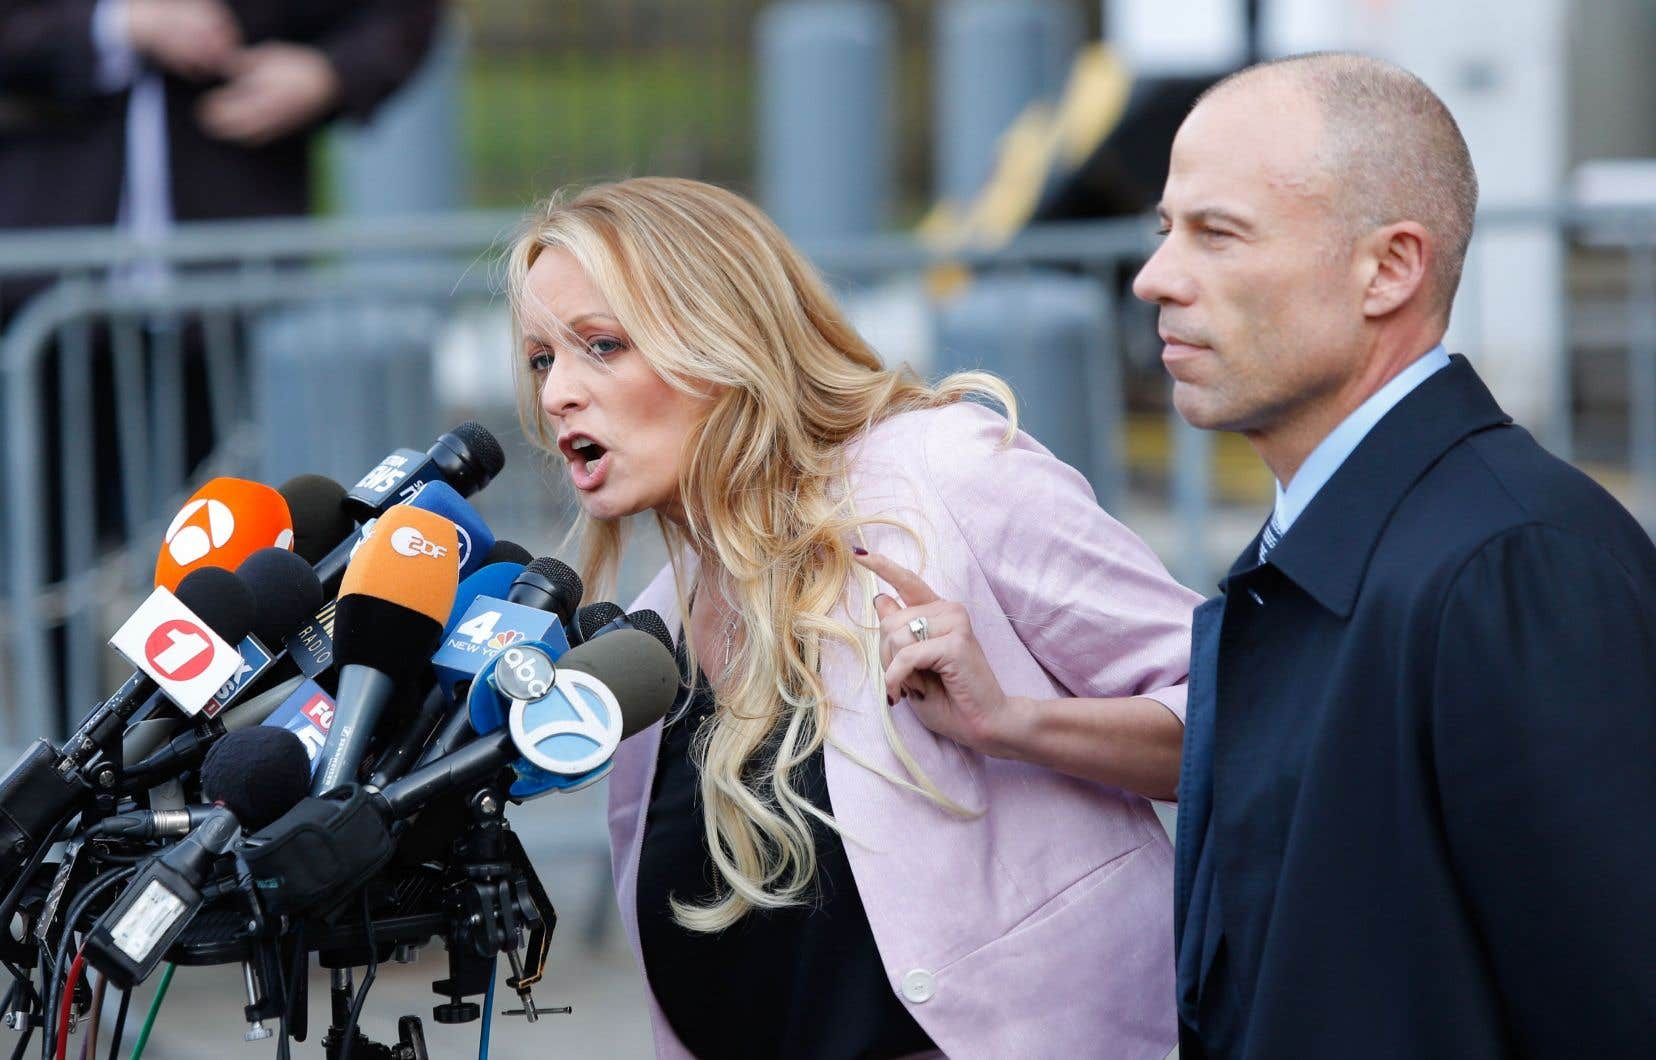 L'actrice Stephanie Clifford, alias Stormy Daniels, et son avocat Michael Avenatti en avril dernier